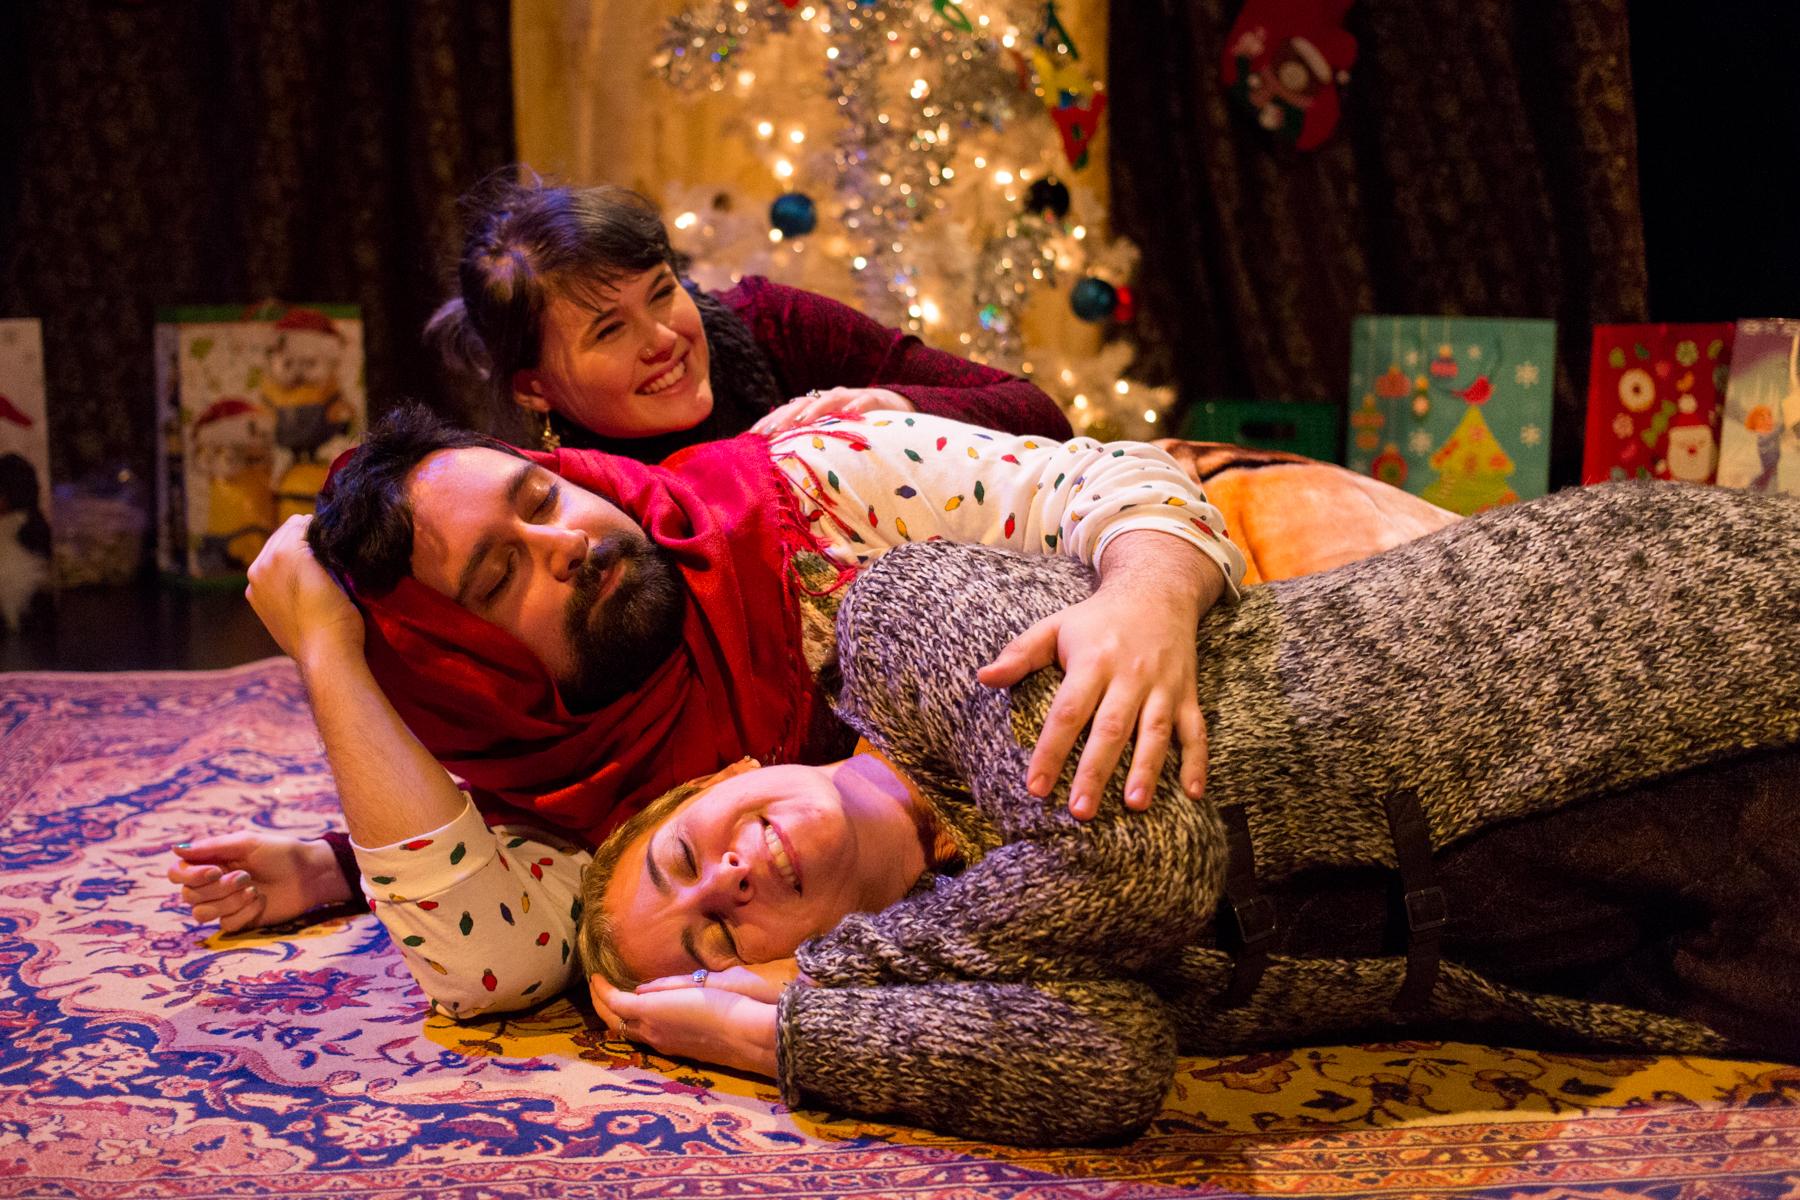 Leila_Christmas-36938.jpg